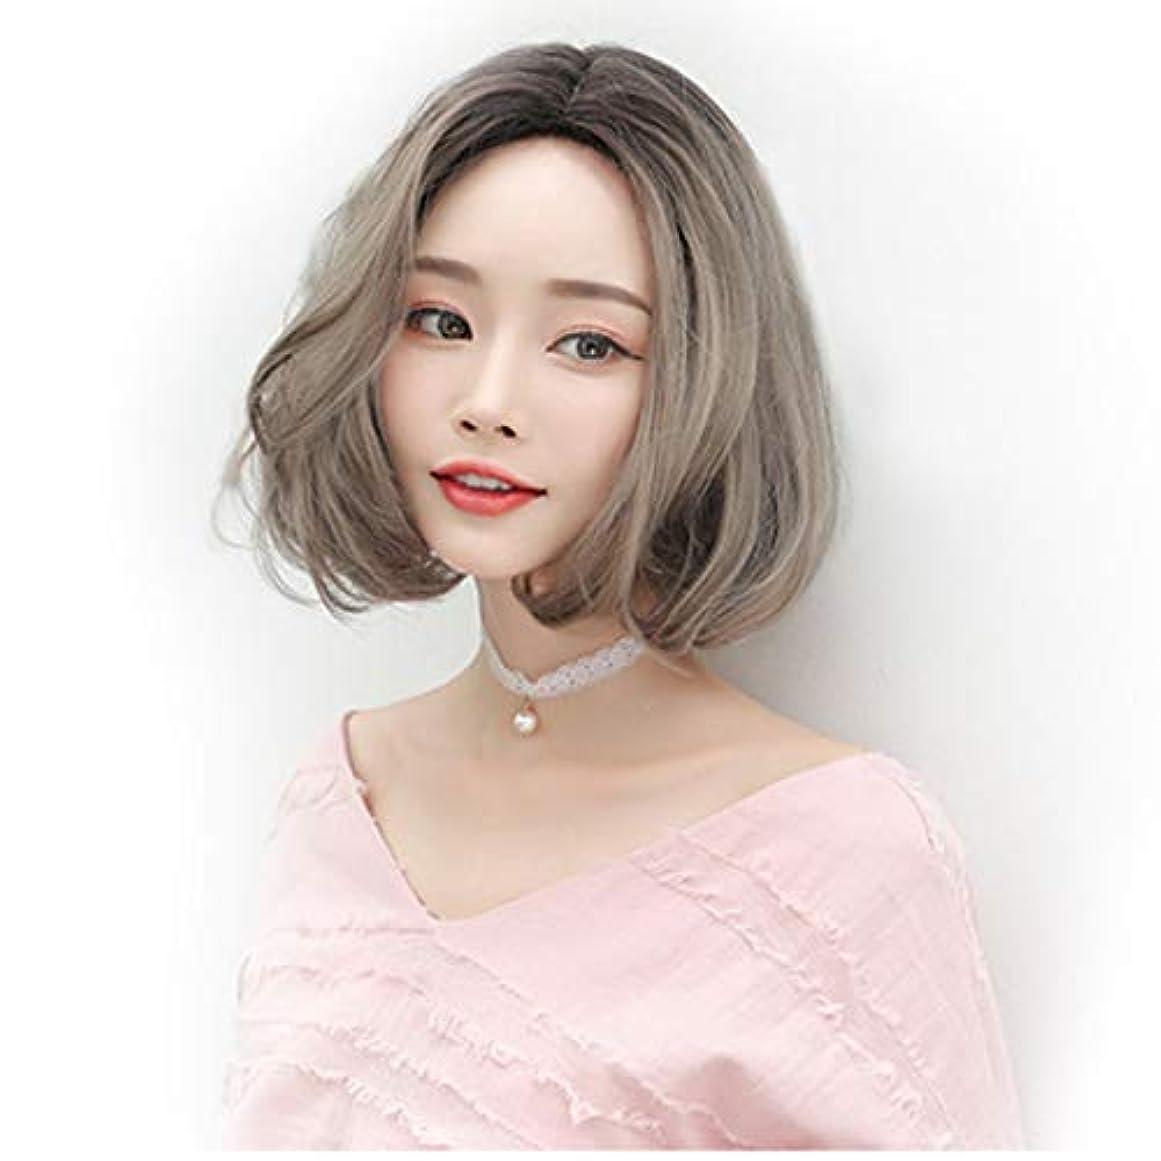 複数本会議ラメウィッグショートヘア女性用ふわふわウェーブのかかった髪かつら自然な耐熱合成ファッションウィッグショートカーリーコスプレ、グレーオレンジ,グレー